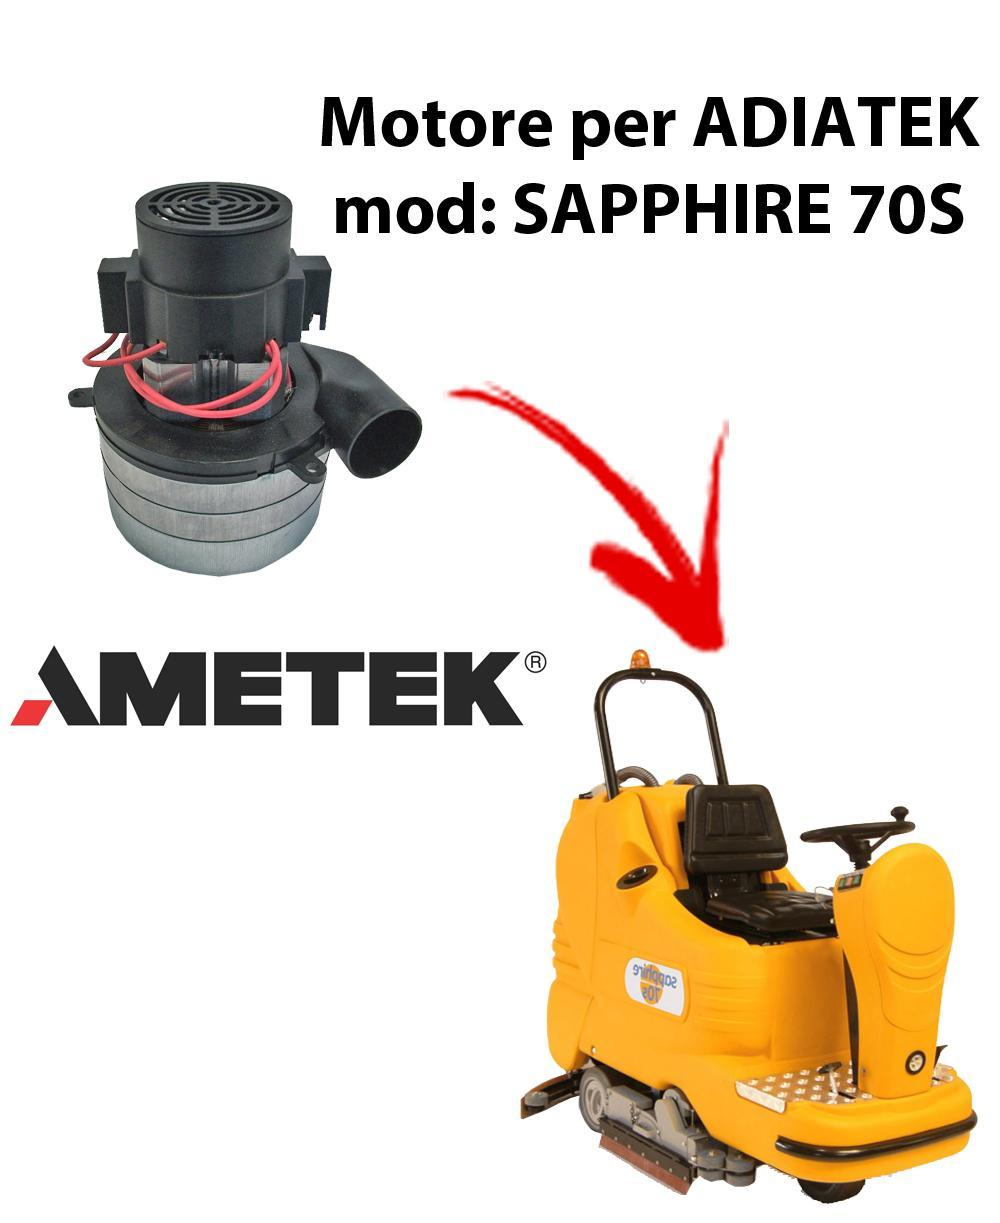 Sapphire 70S  Motore de aspiración Ametek Italia  para fregadora Adiatek